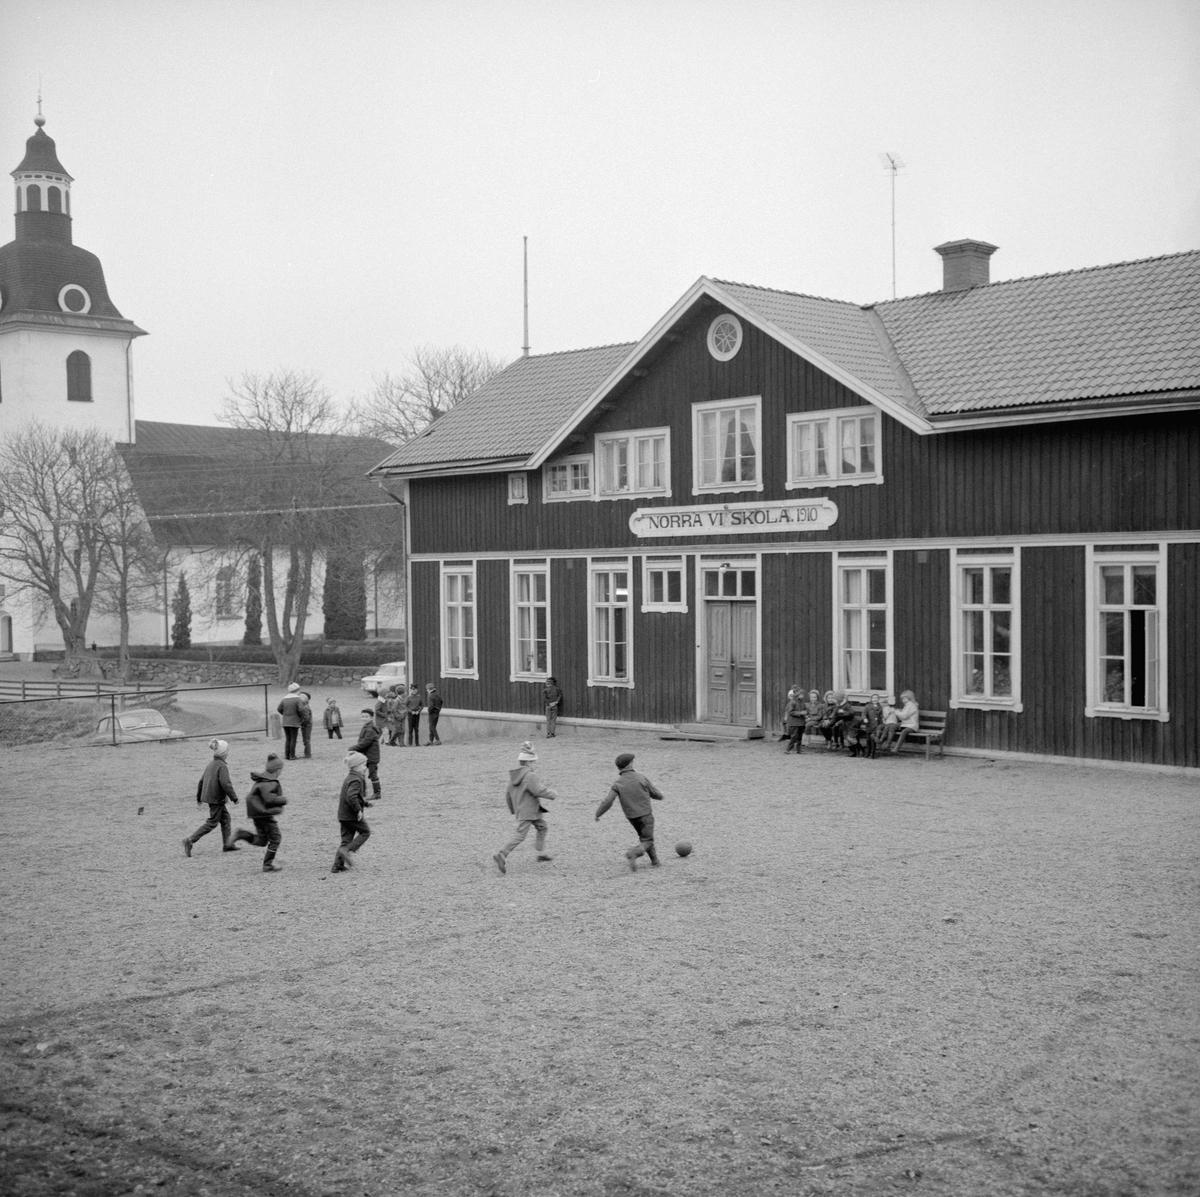 Året är 1964 och i sinom tid kommer det att vara slutlekt på skolgården till Norra Vi kyrkskola. Efter skolans nedläggning 1967 fick byggnaden ny funktion som församlingshem.